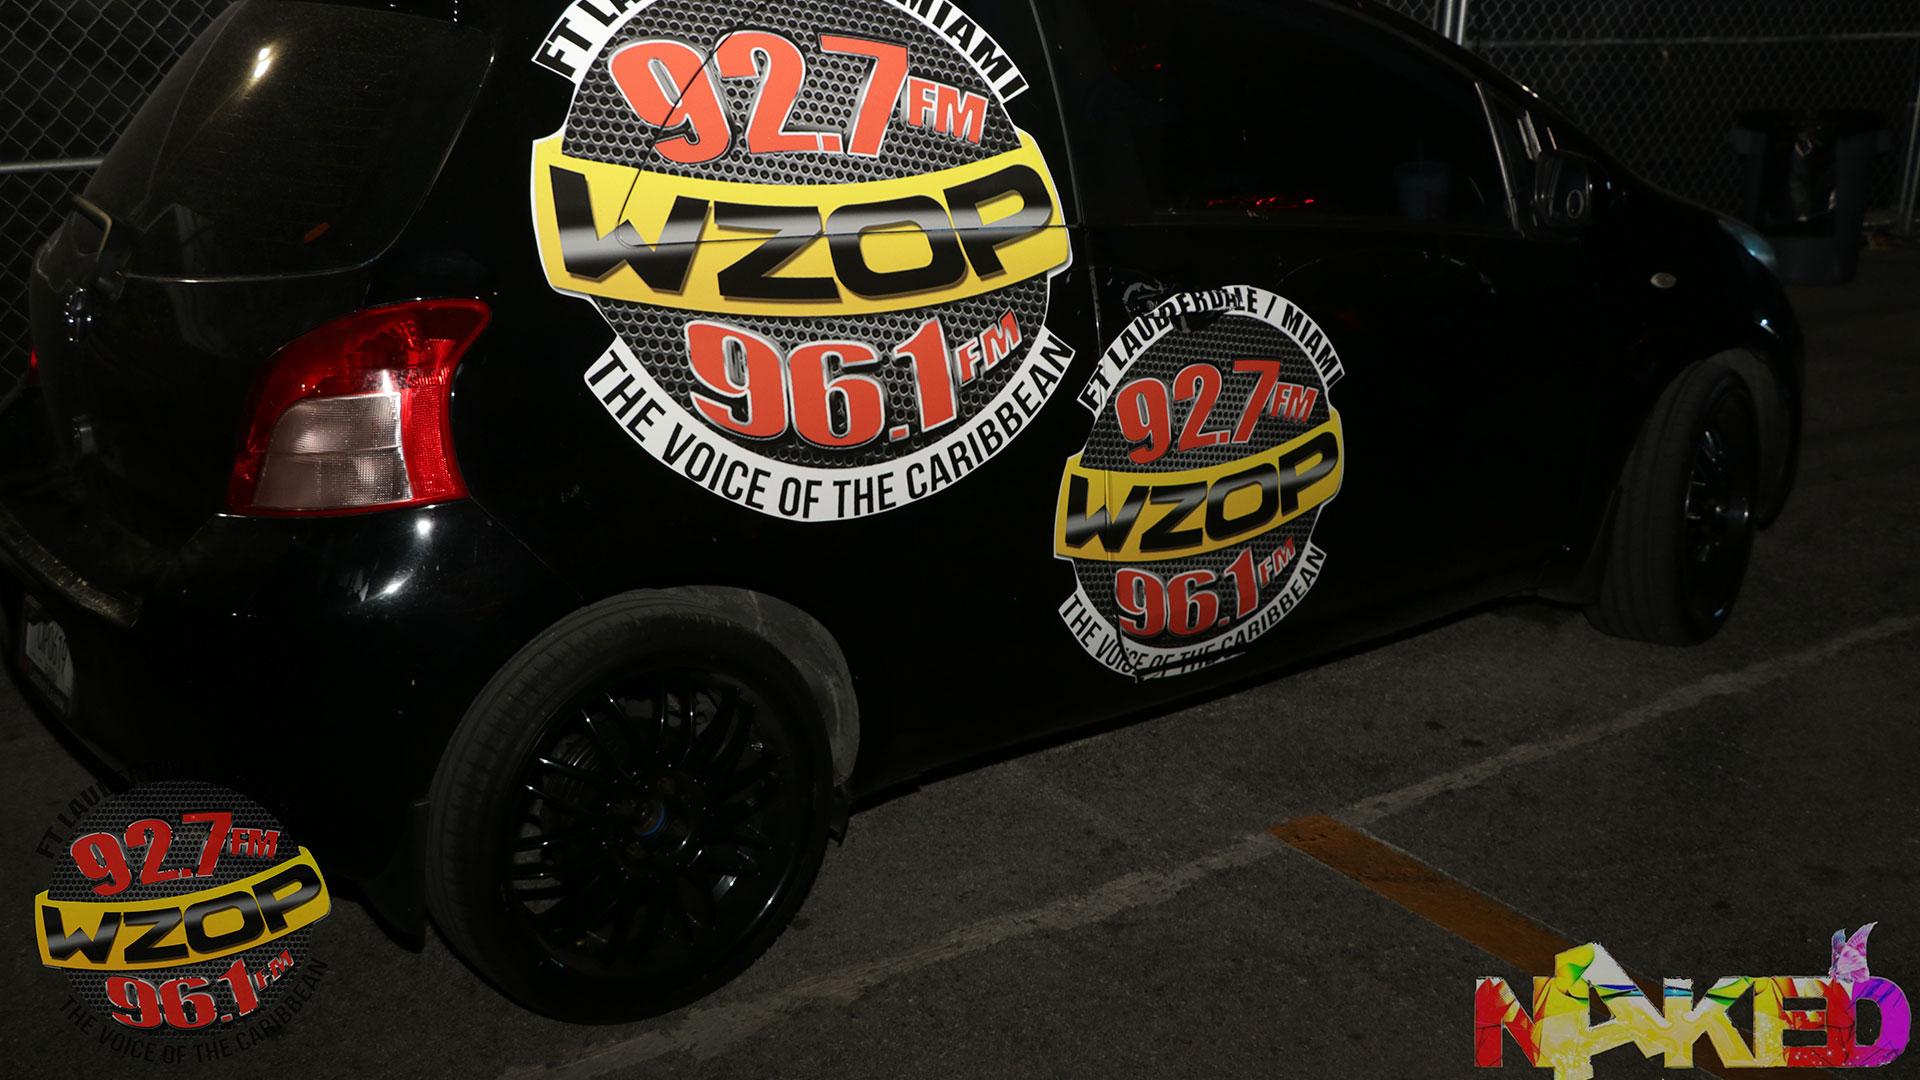 Naked-Party-WZPP-Radio-2